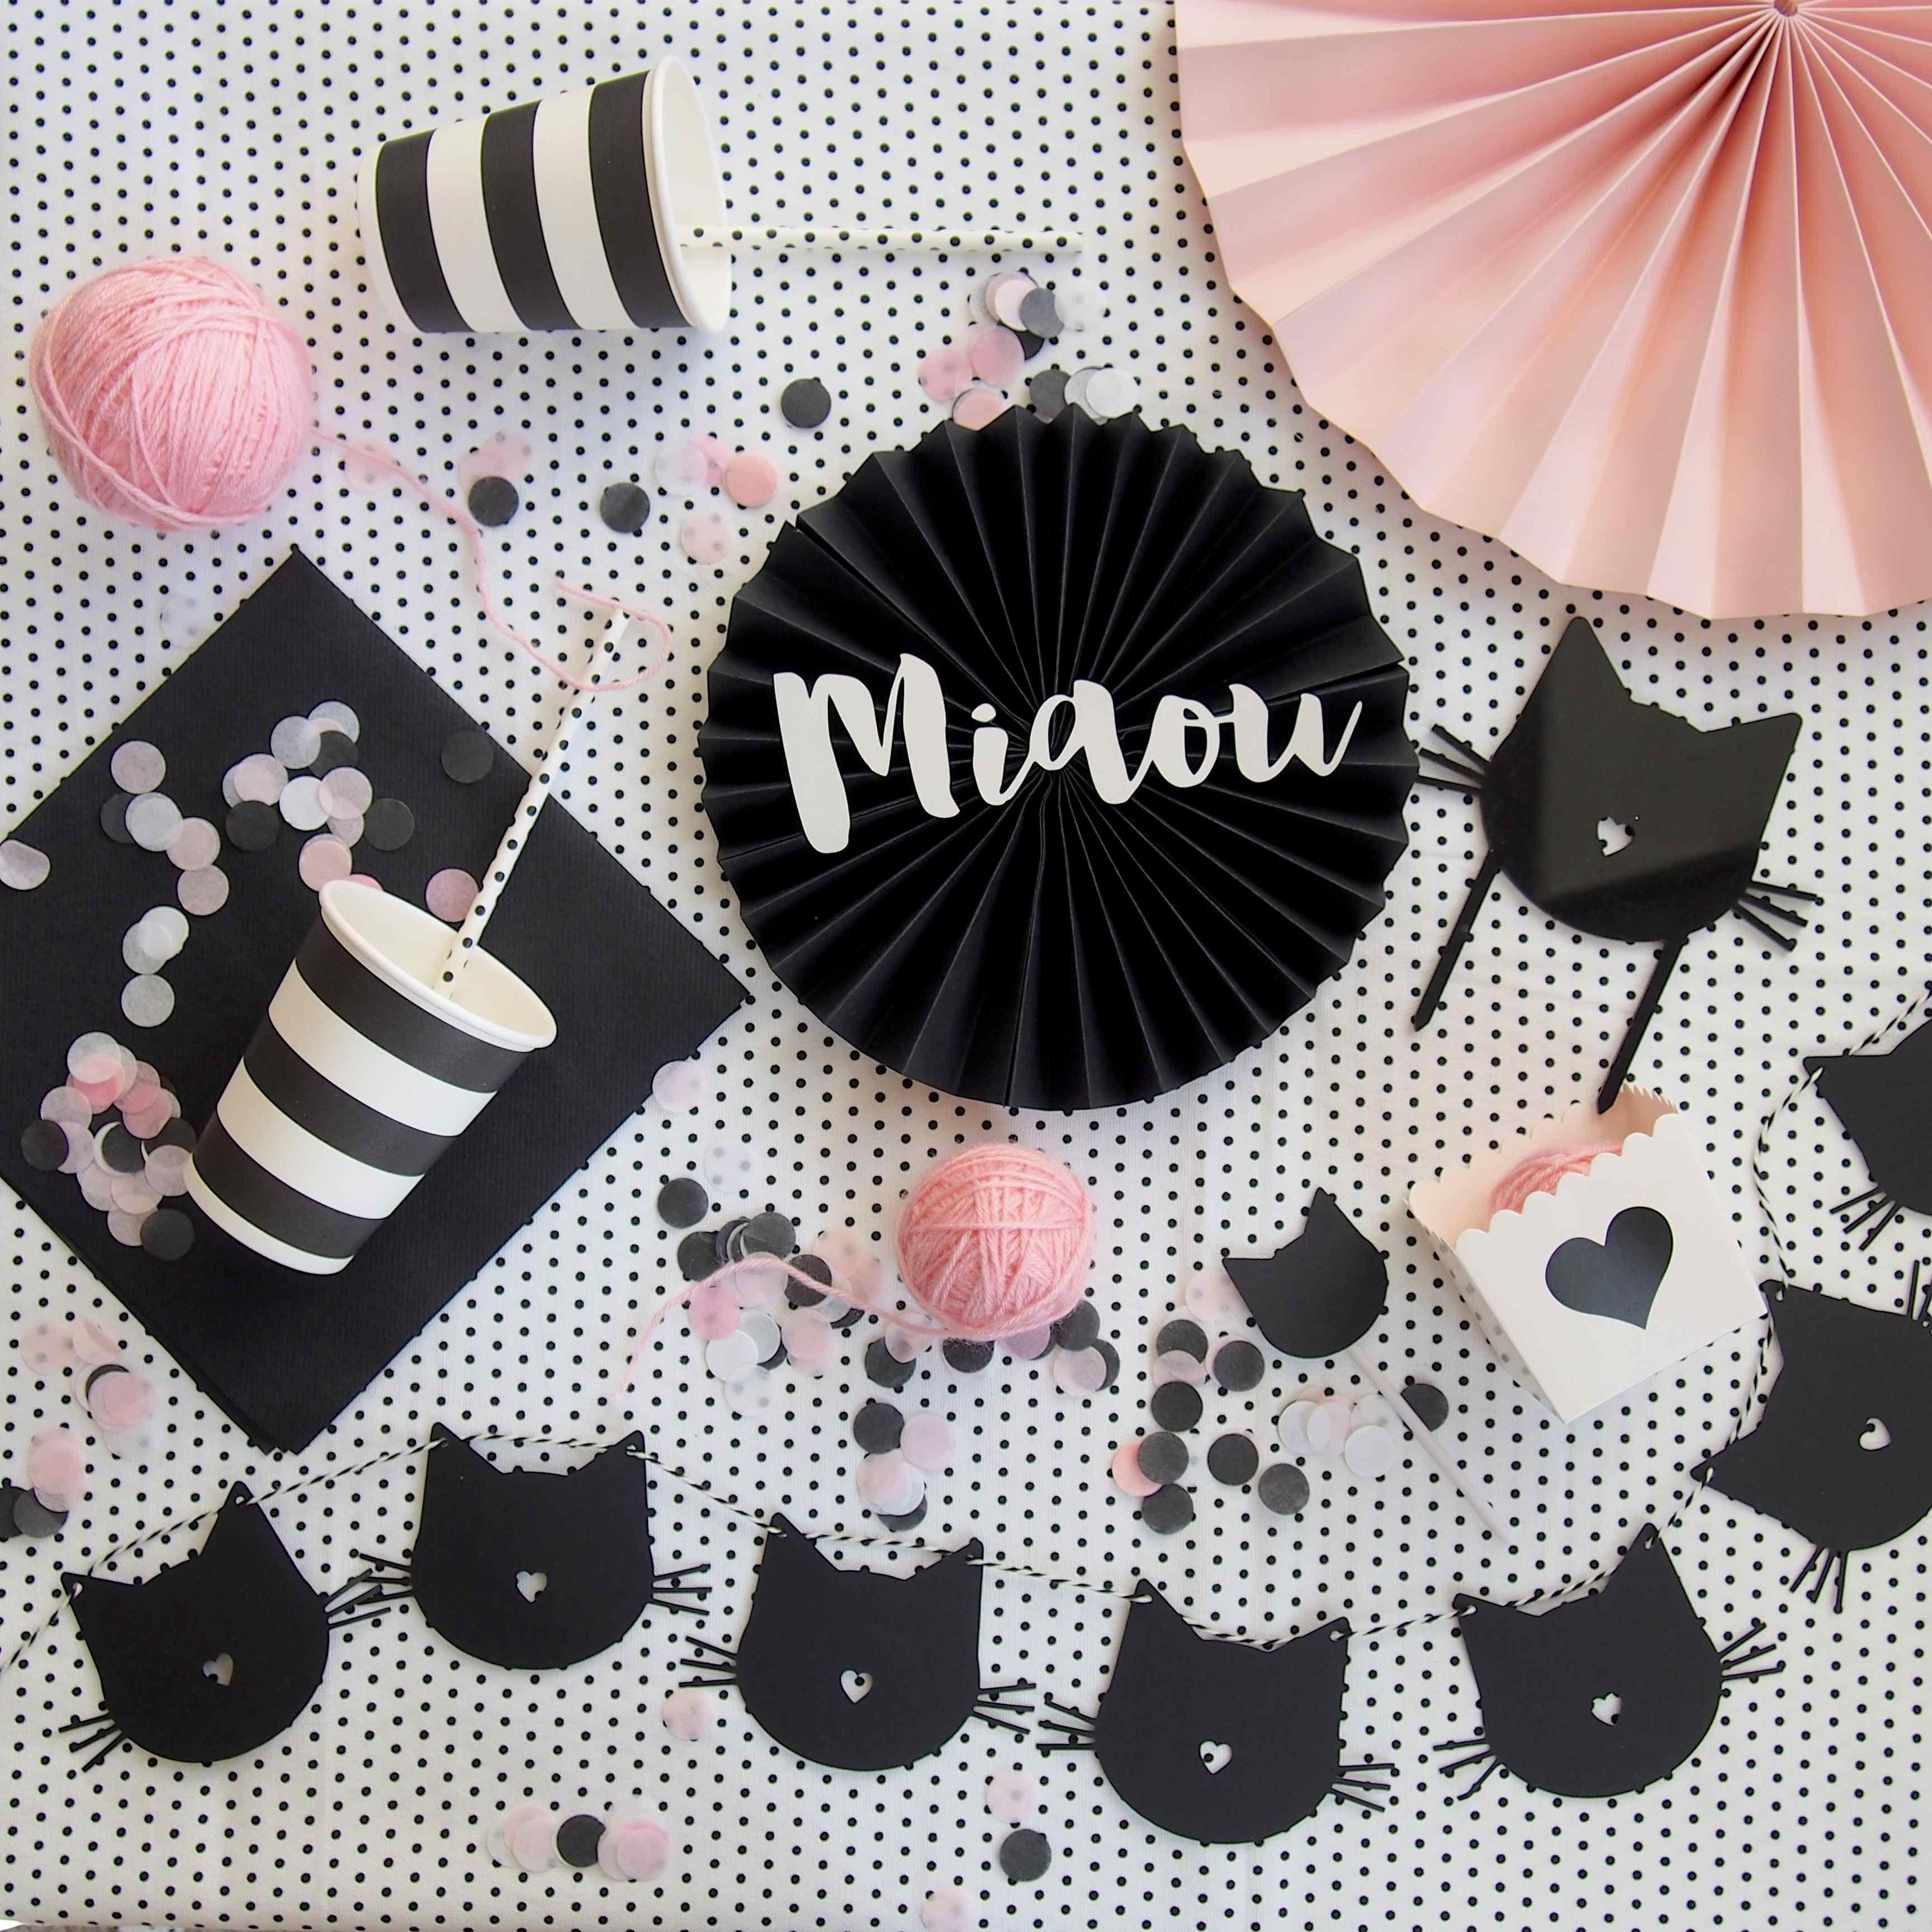 vaisselle et accessoires de d coration pour une sweet table sur le th me des chats retrouver. Black Bedroom Furniture Sets. Home Design Ideas